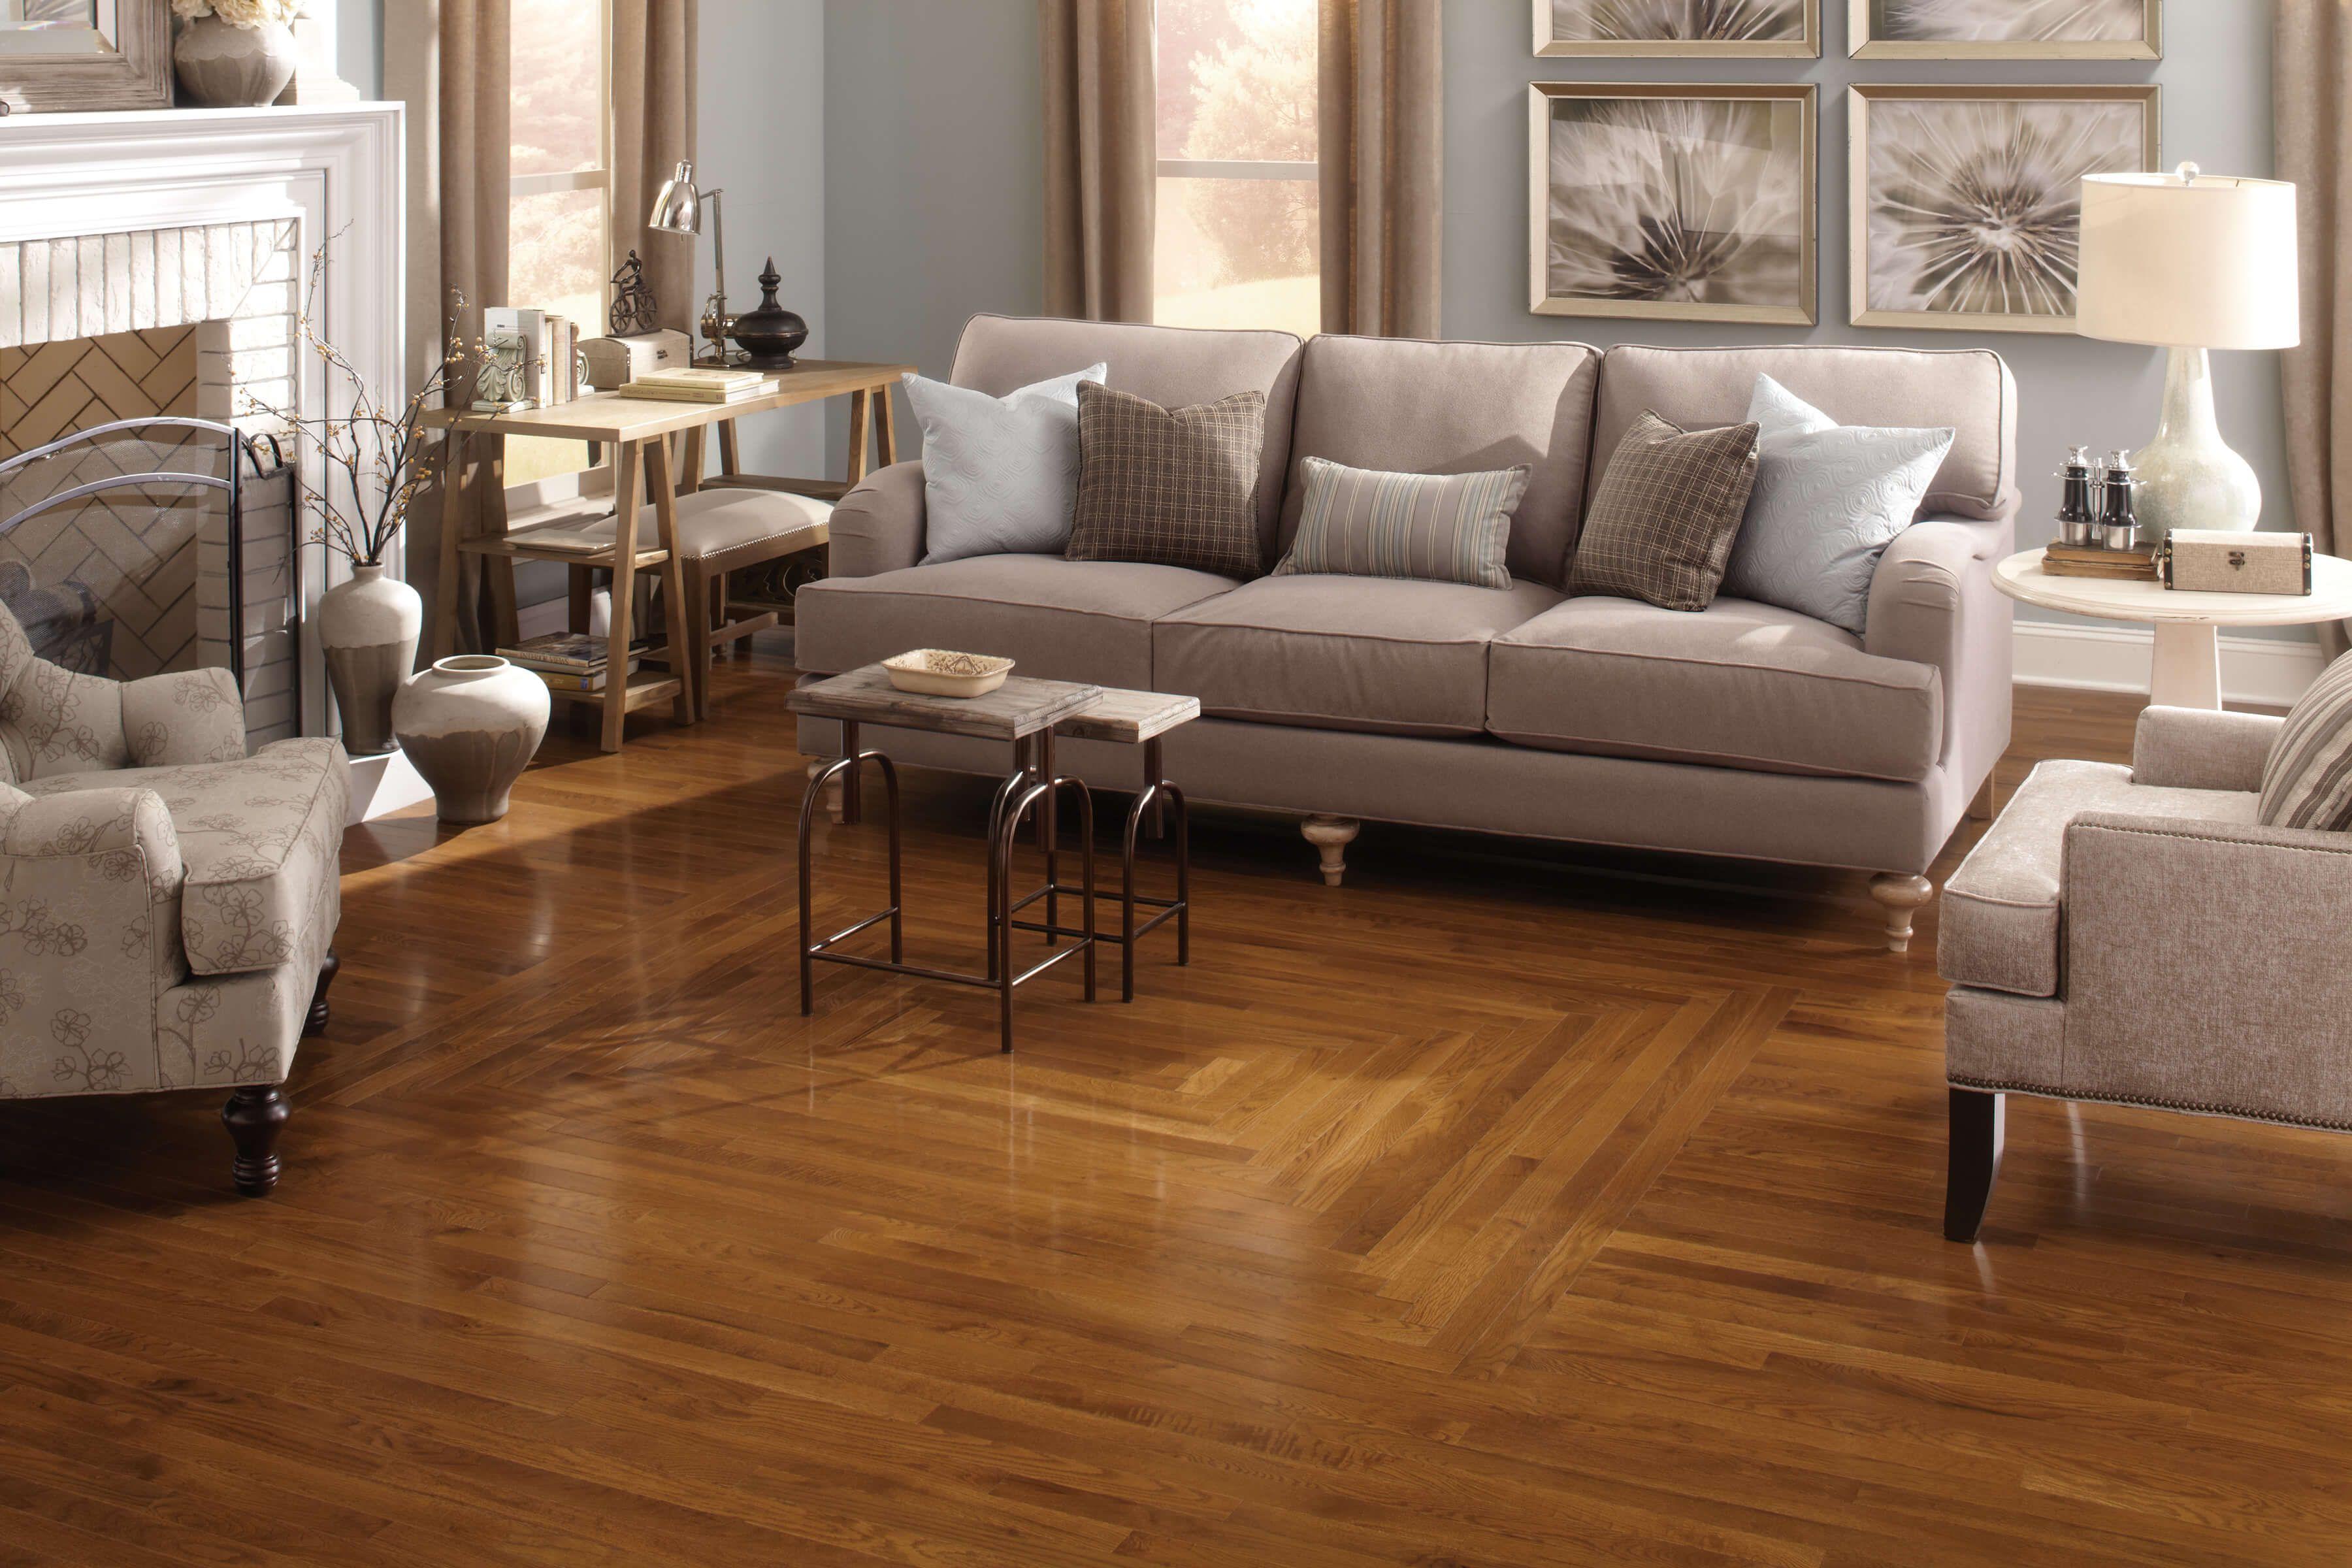 Top Hardwood Flooring Materials For Best Looking Floors in